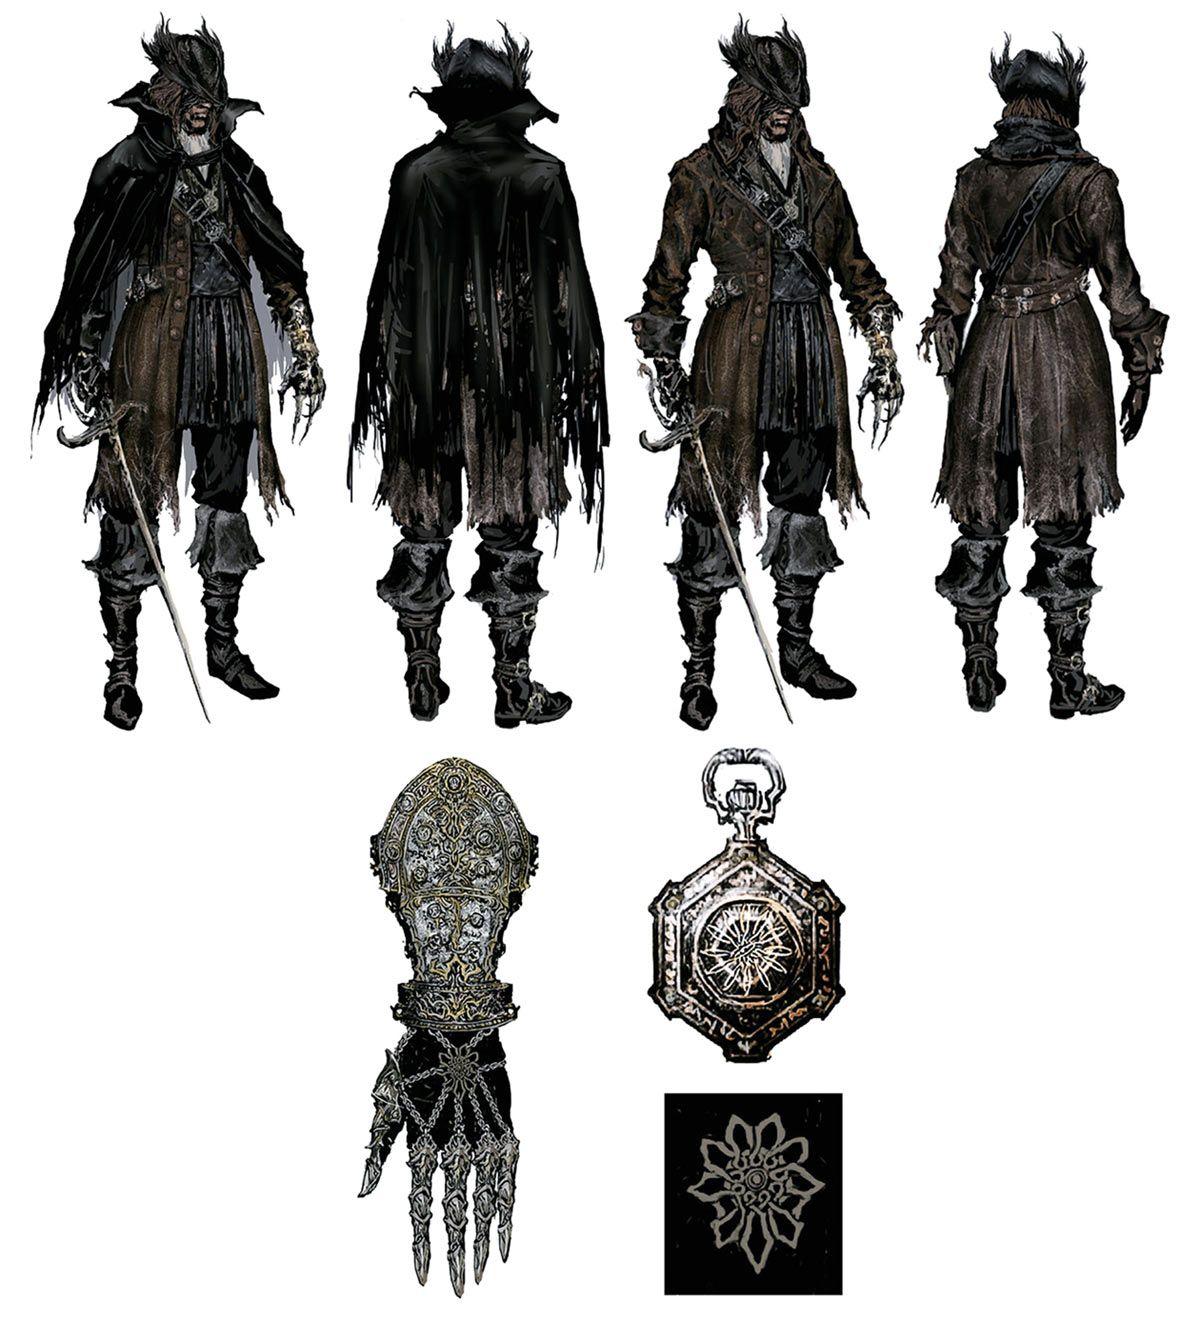 Ashen Hunter Attire From Bloodborne In 2019 Bloodborne Art